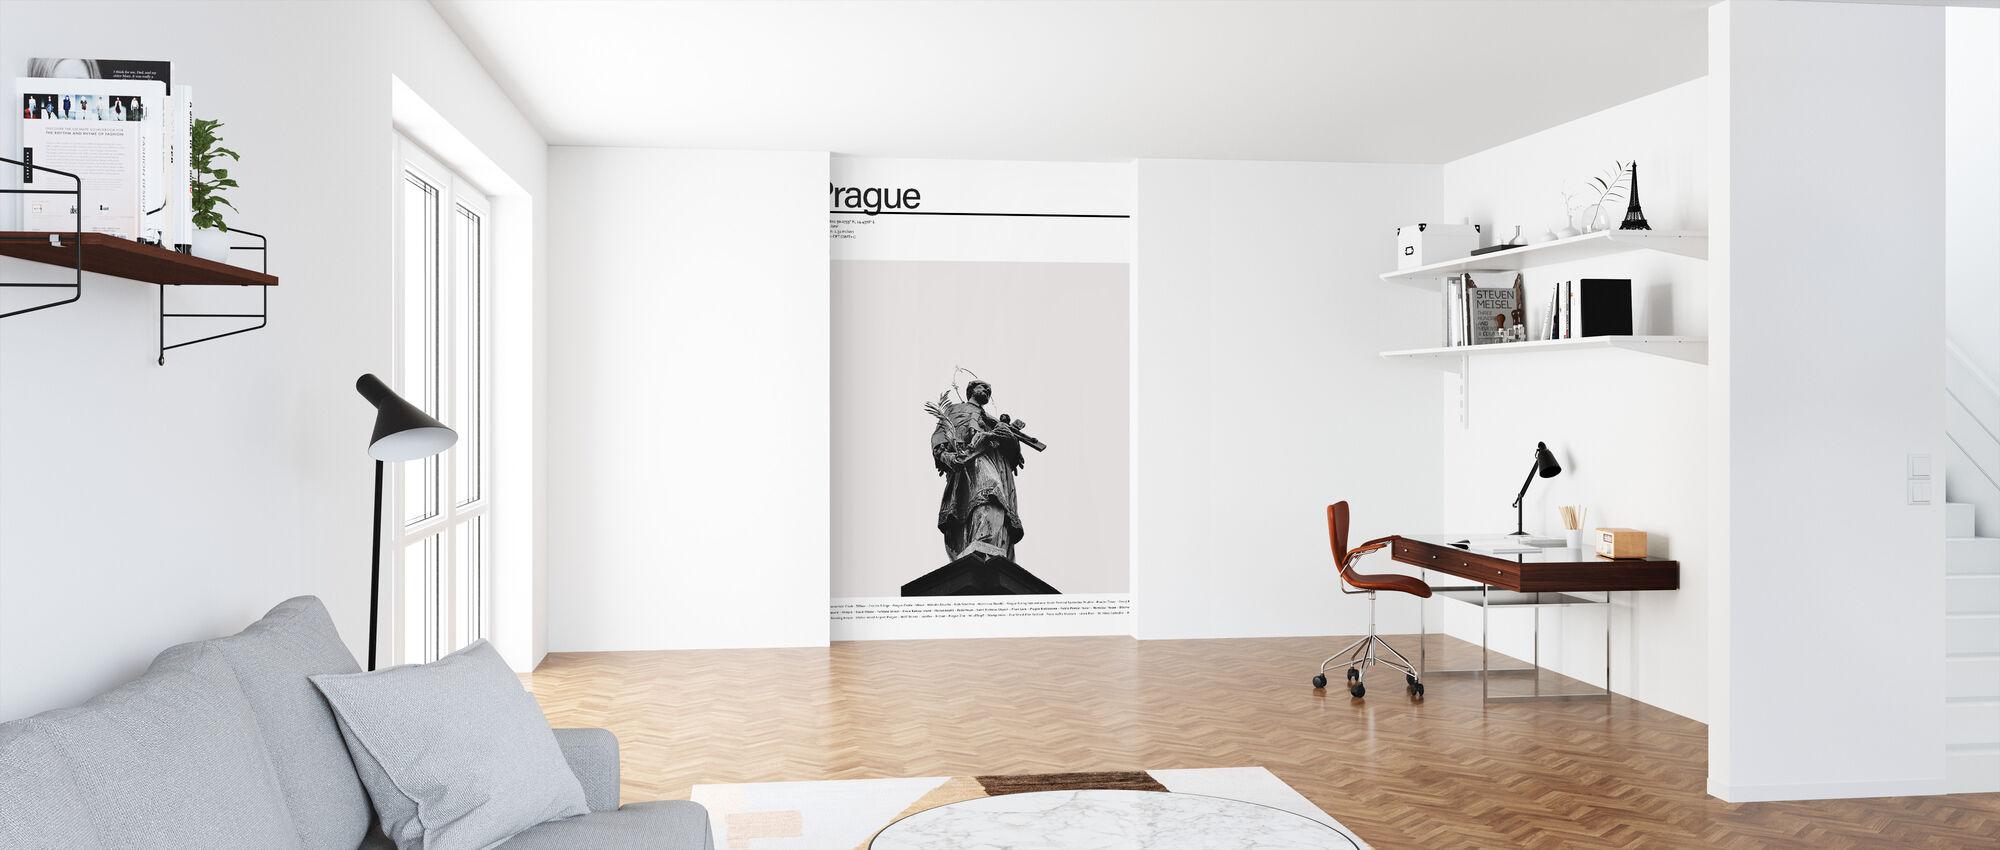 City Prague - Wallpaper - Office